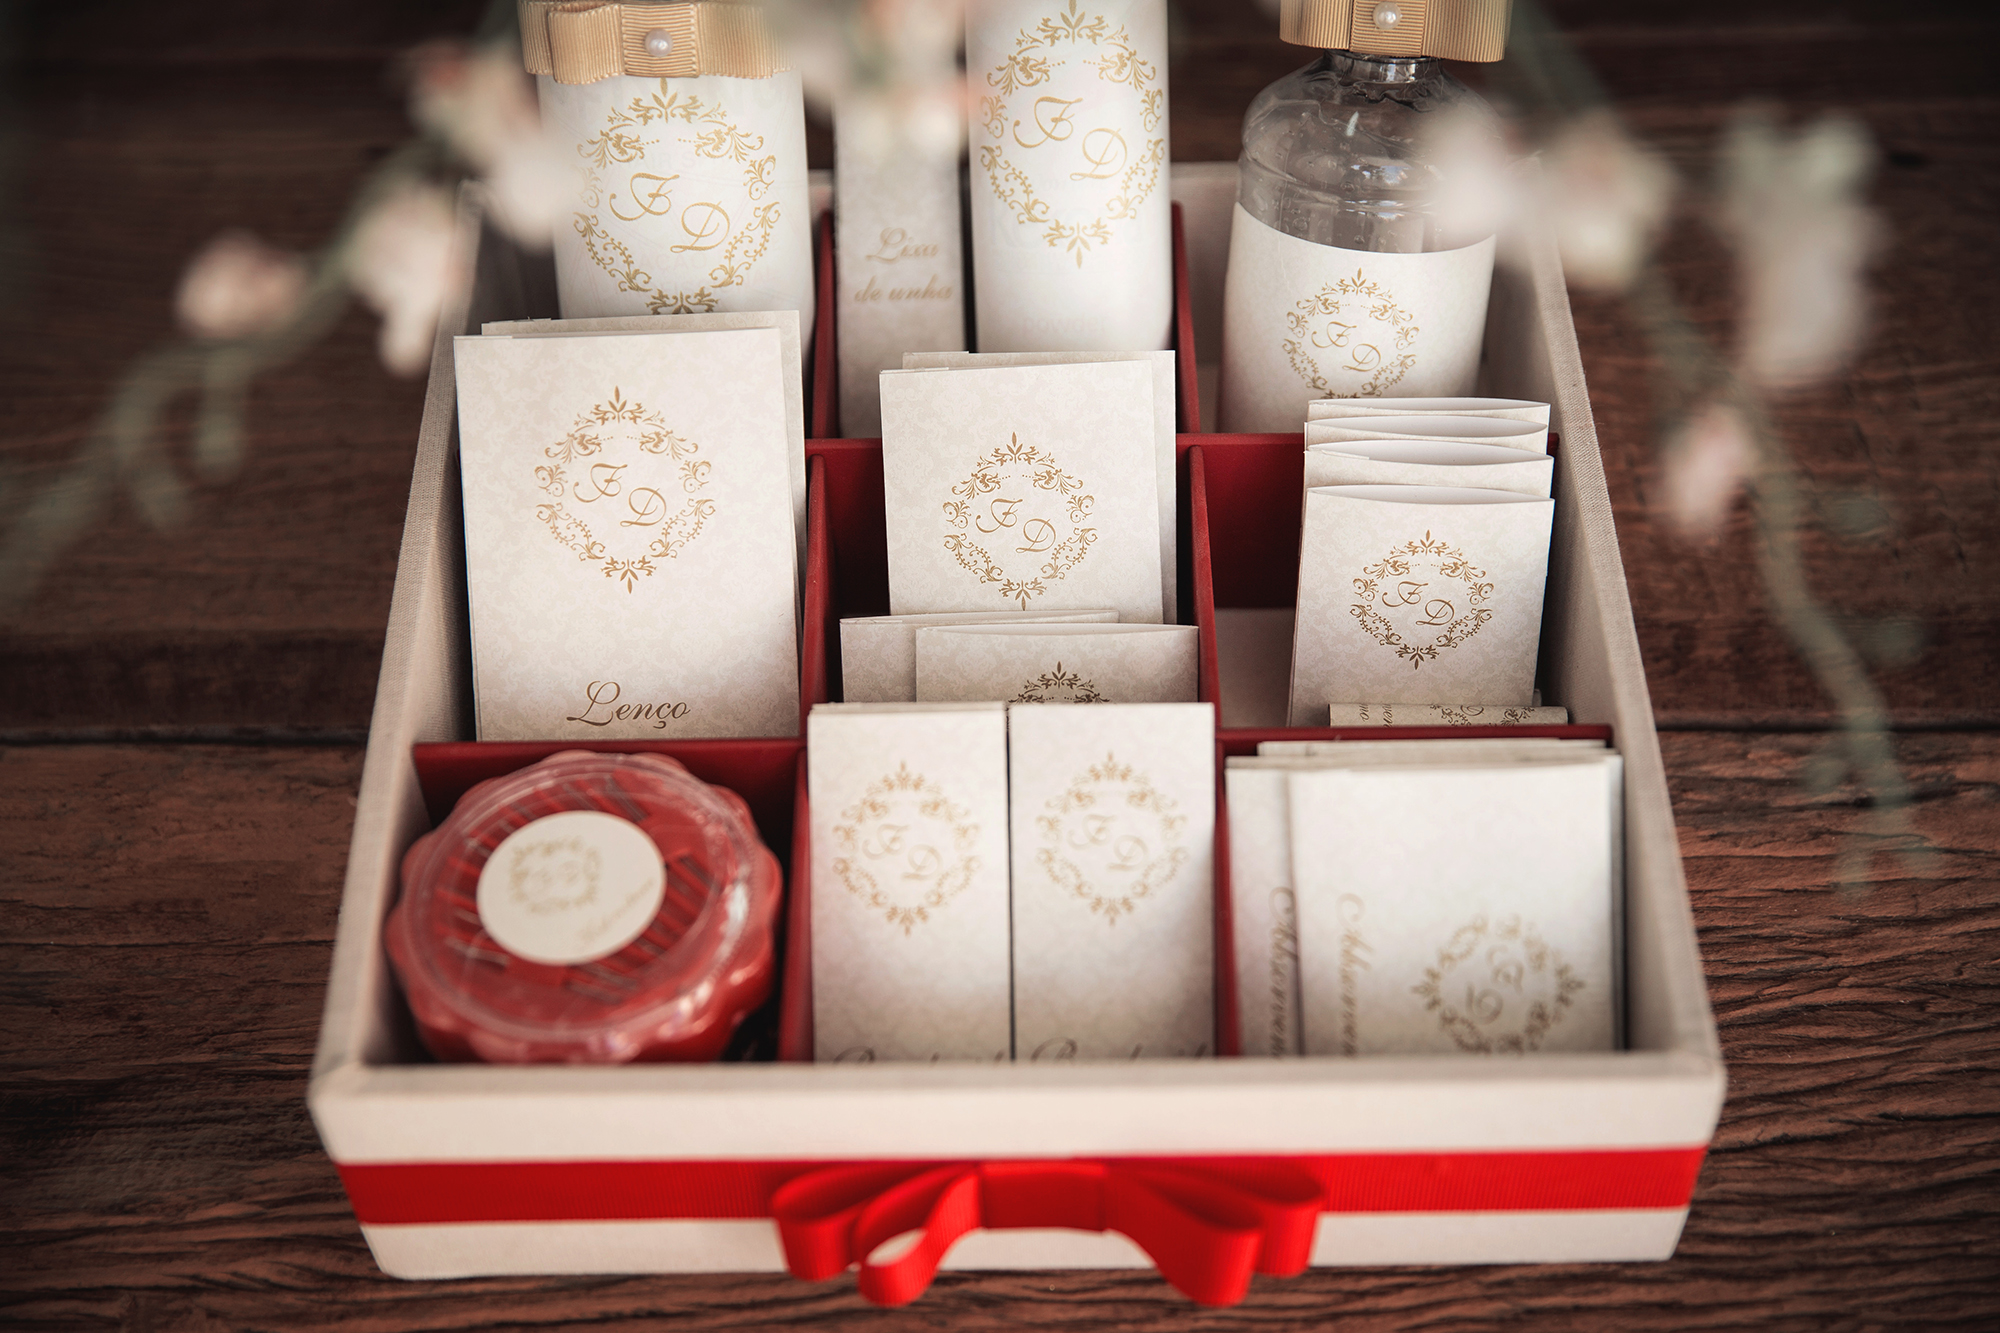 Kit toilette para casamento: O que não pode faltar